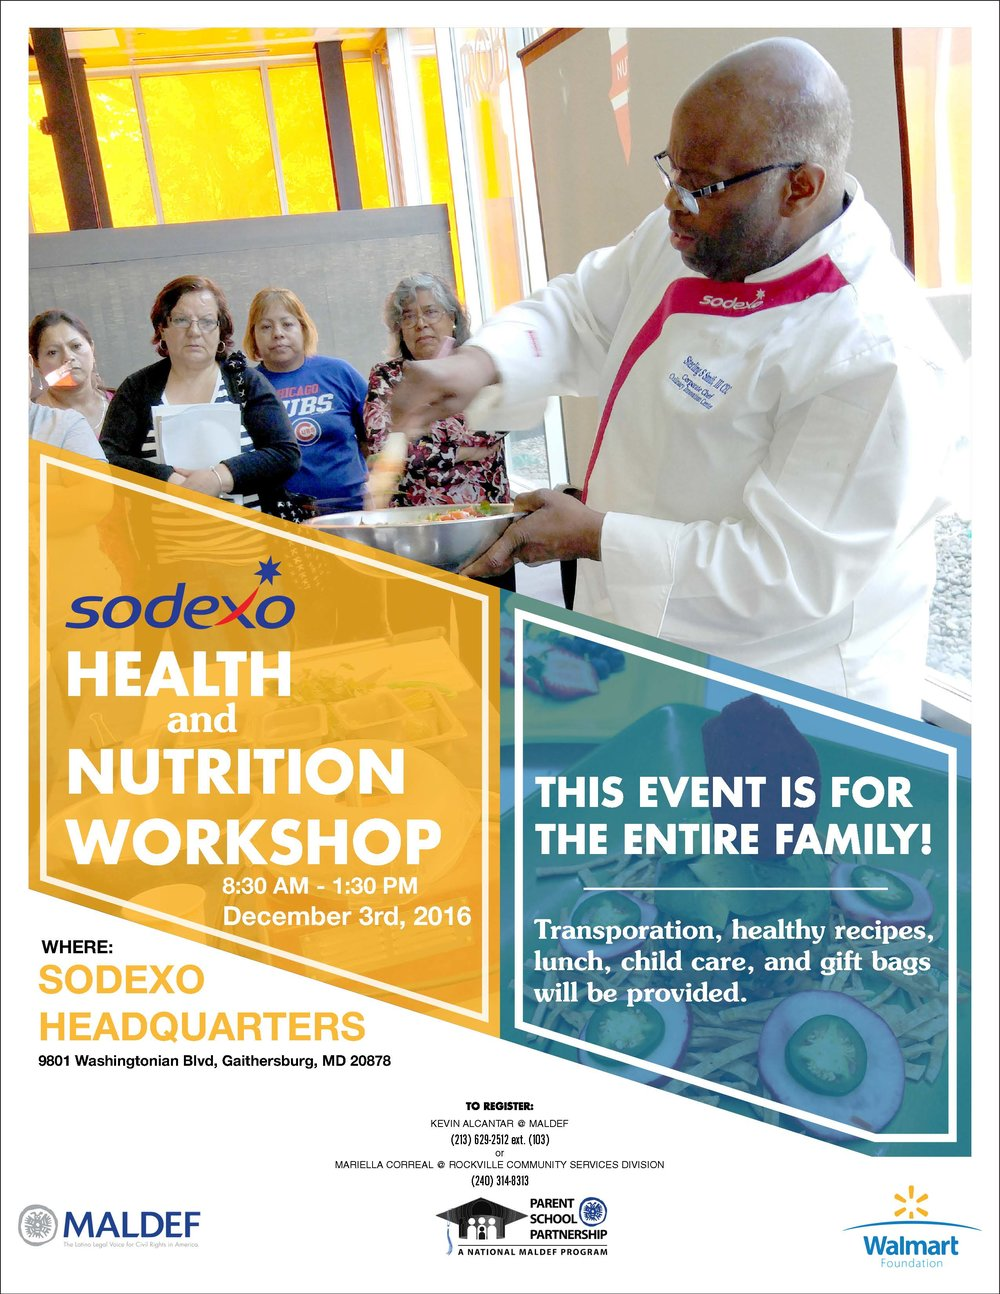 Parent School Partnership - Sodexo Nutrition Workshop Flyer   Redesigned PSP program flyer template for nationwide Sodexo Nutrition Workshop event.  2016